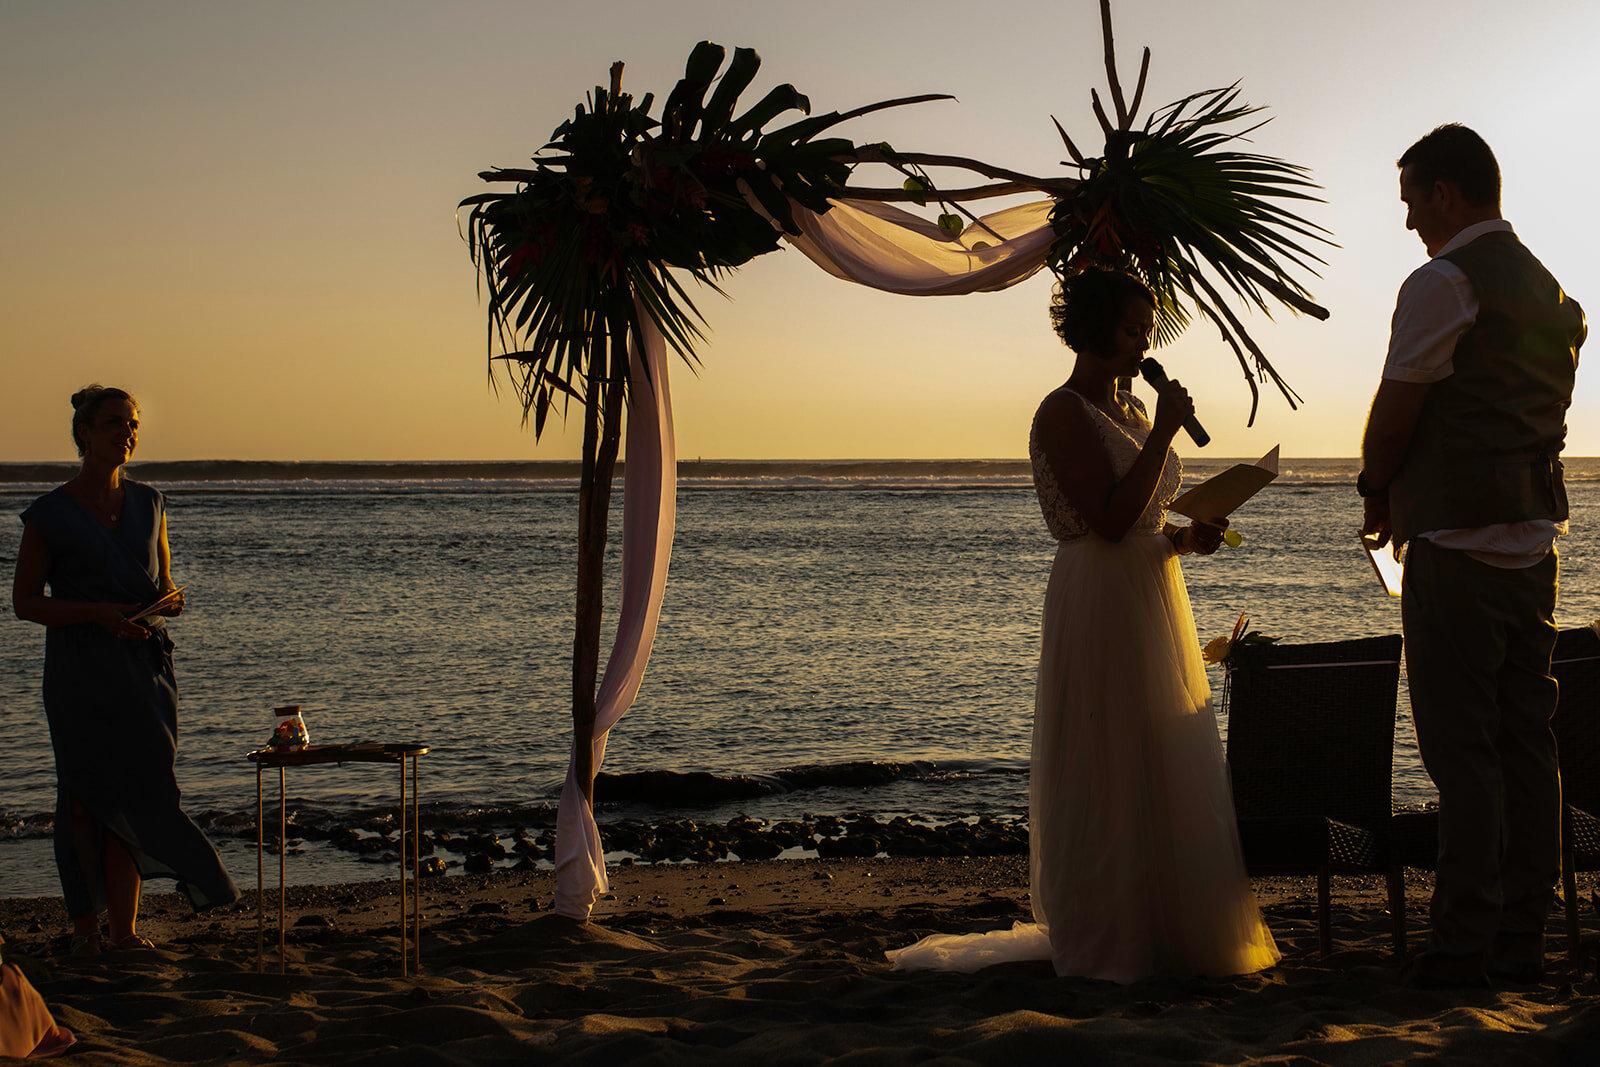 Organisation renouvellement des voeux A et S _ MRevenement wedding planner à la Réunion (8).jpg